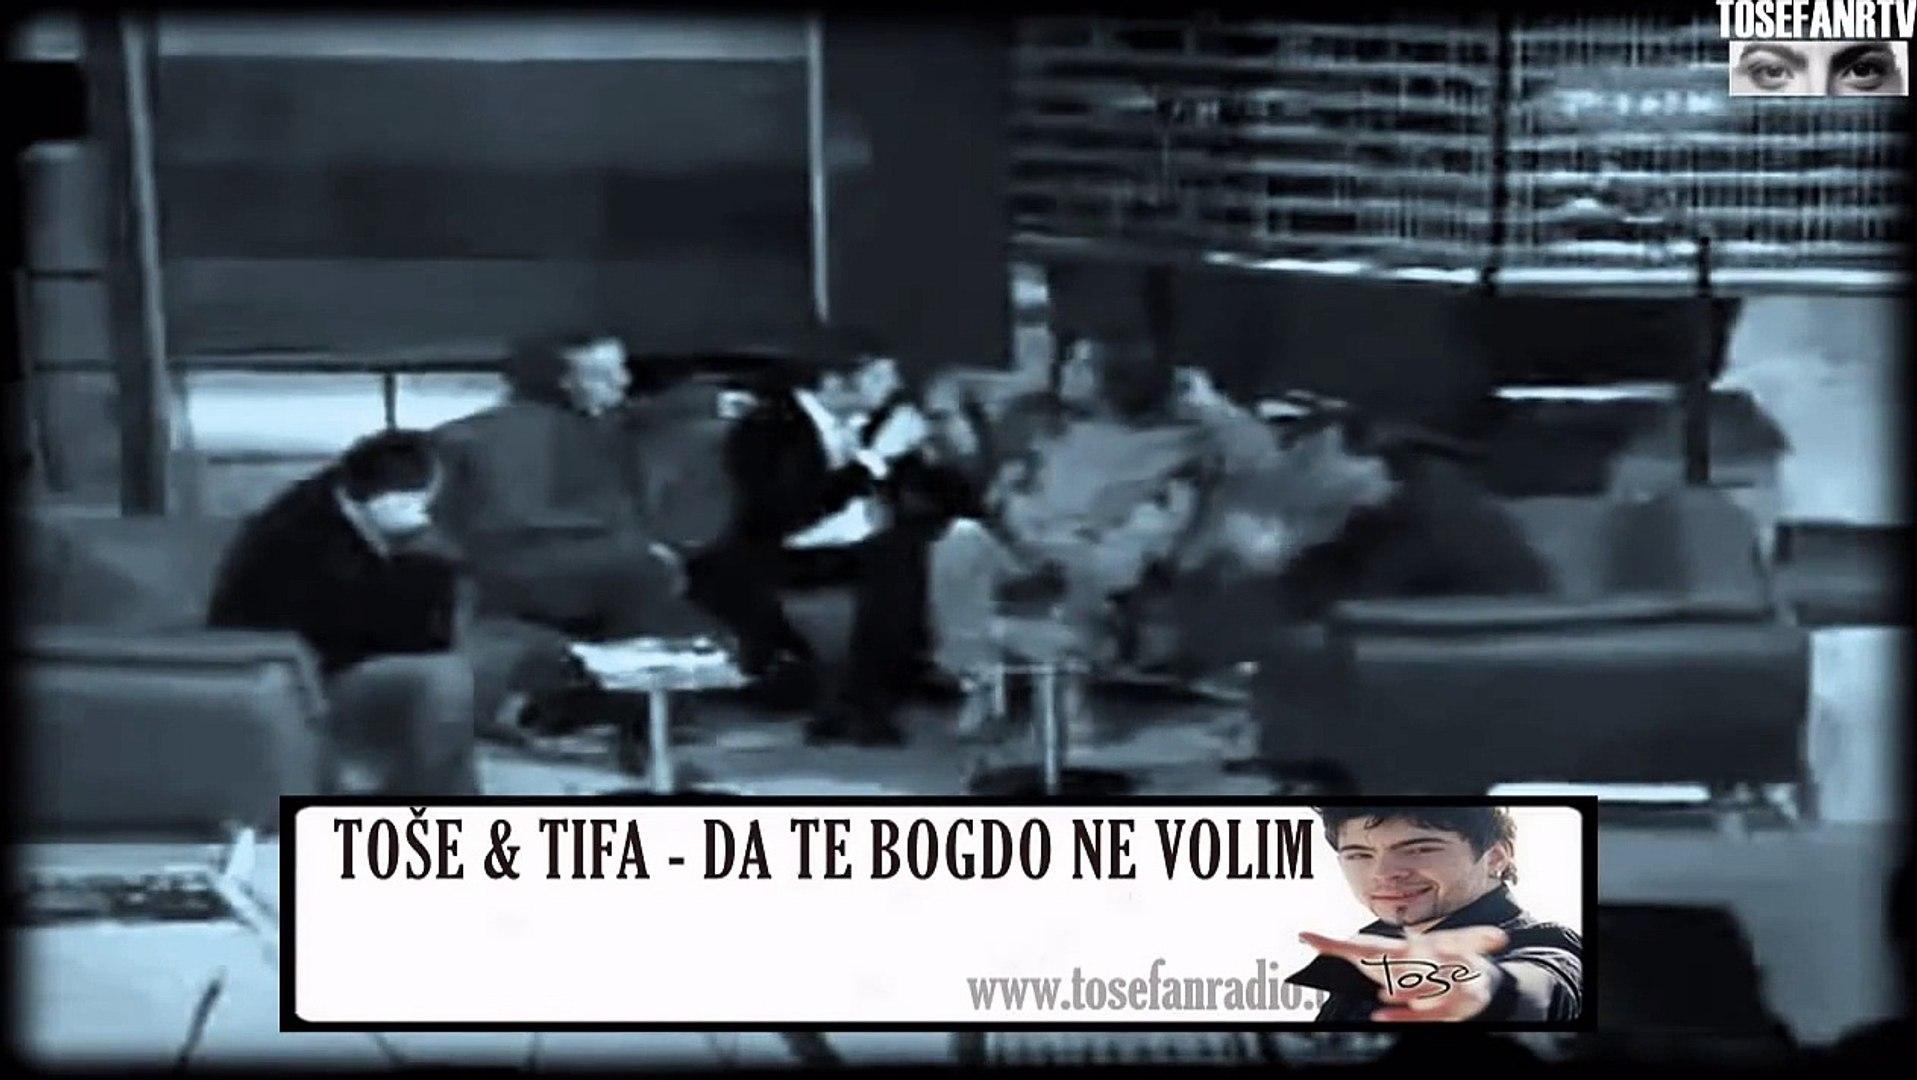 TOSE & TIFA - DA TE BOGDO NE VOLIM